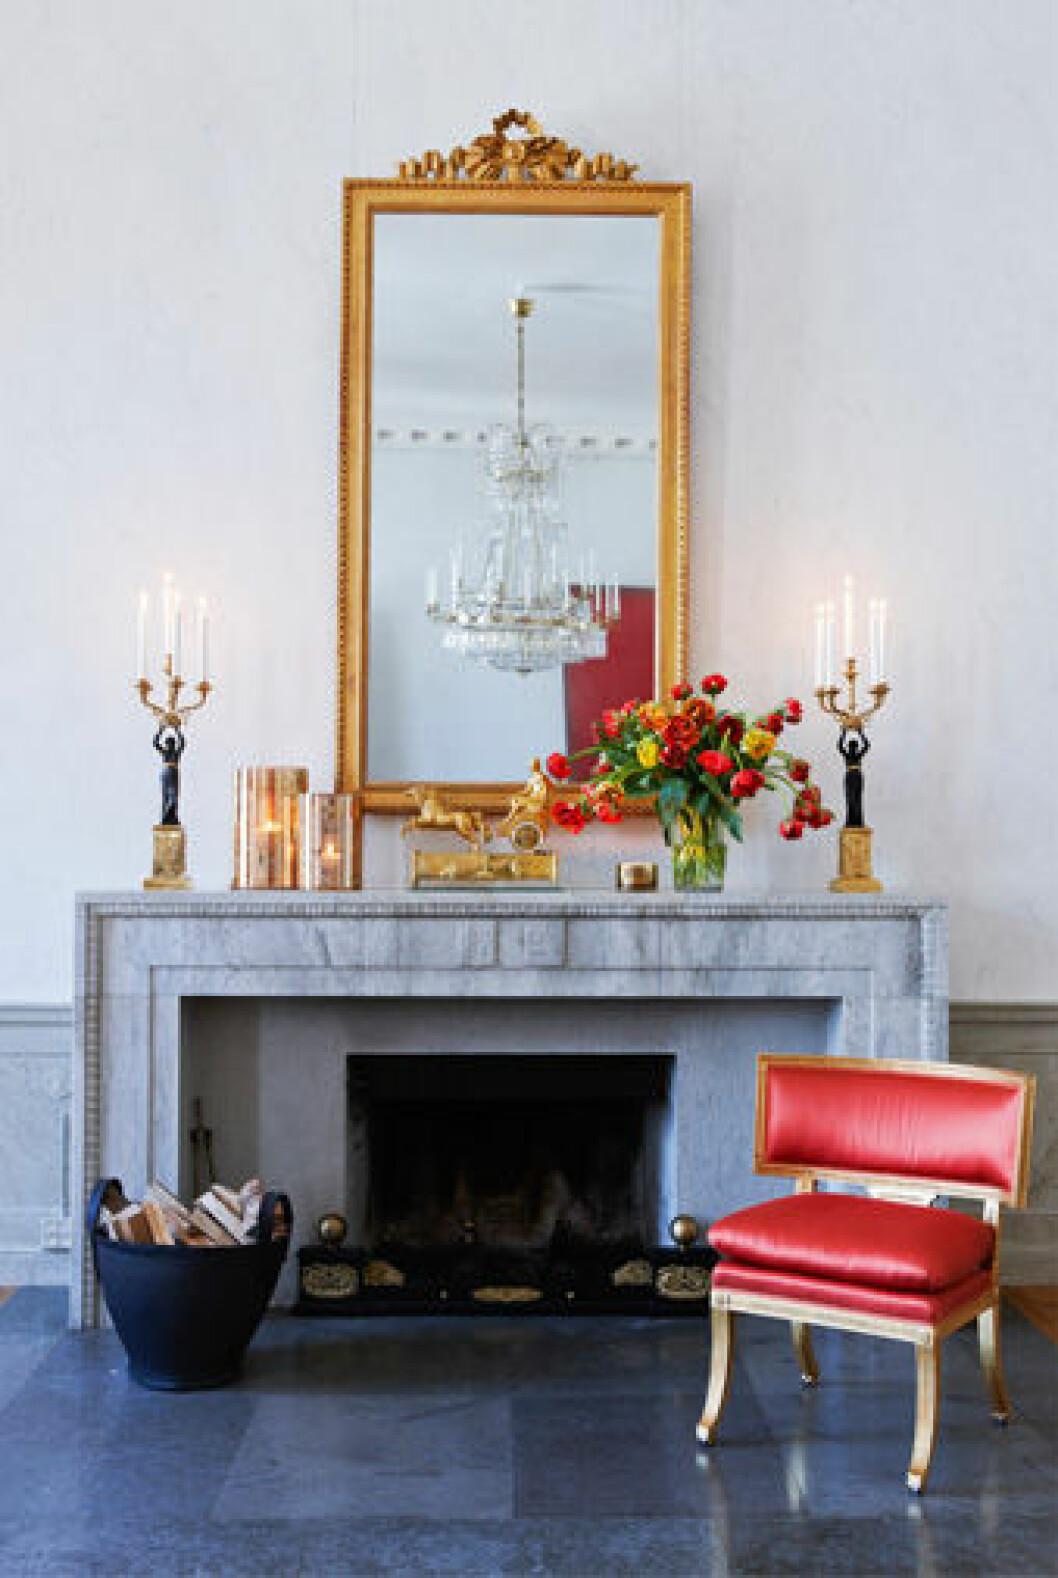 """Stora salongen. """"Sullastolen från slutet av 1700-talet har omsorgsfullt renoverats på Kungl. Husgerådskammaren."""""""